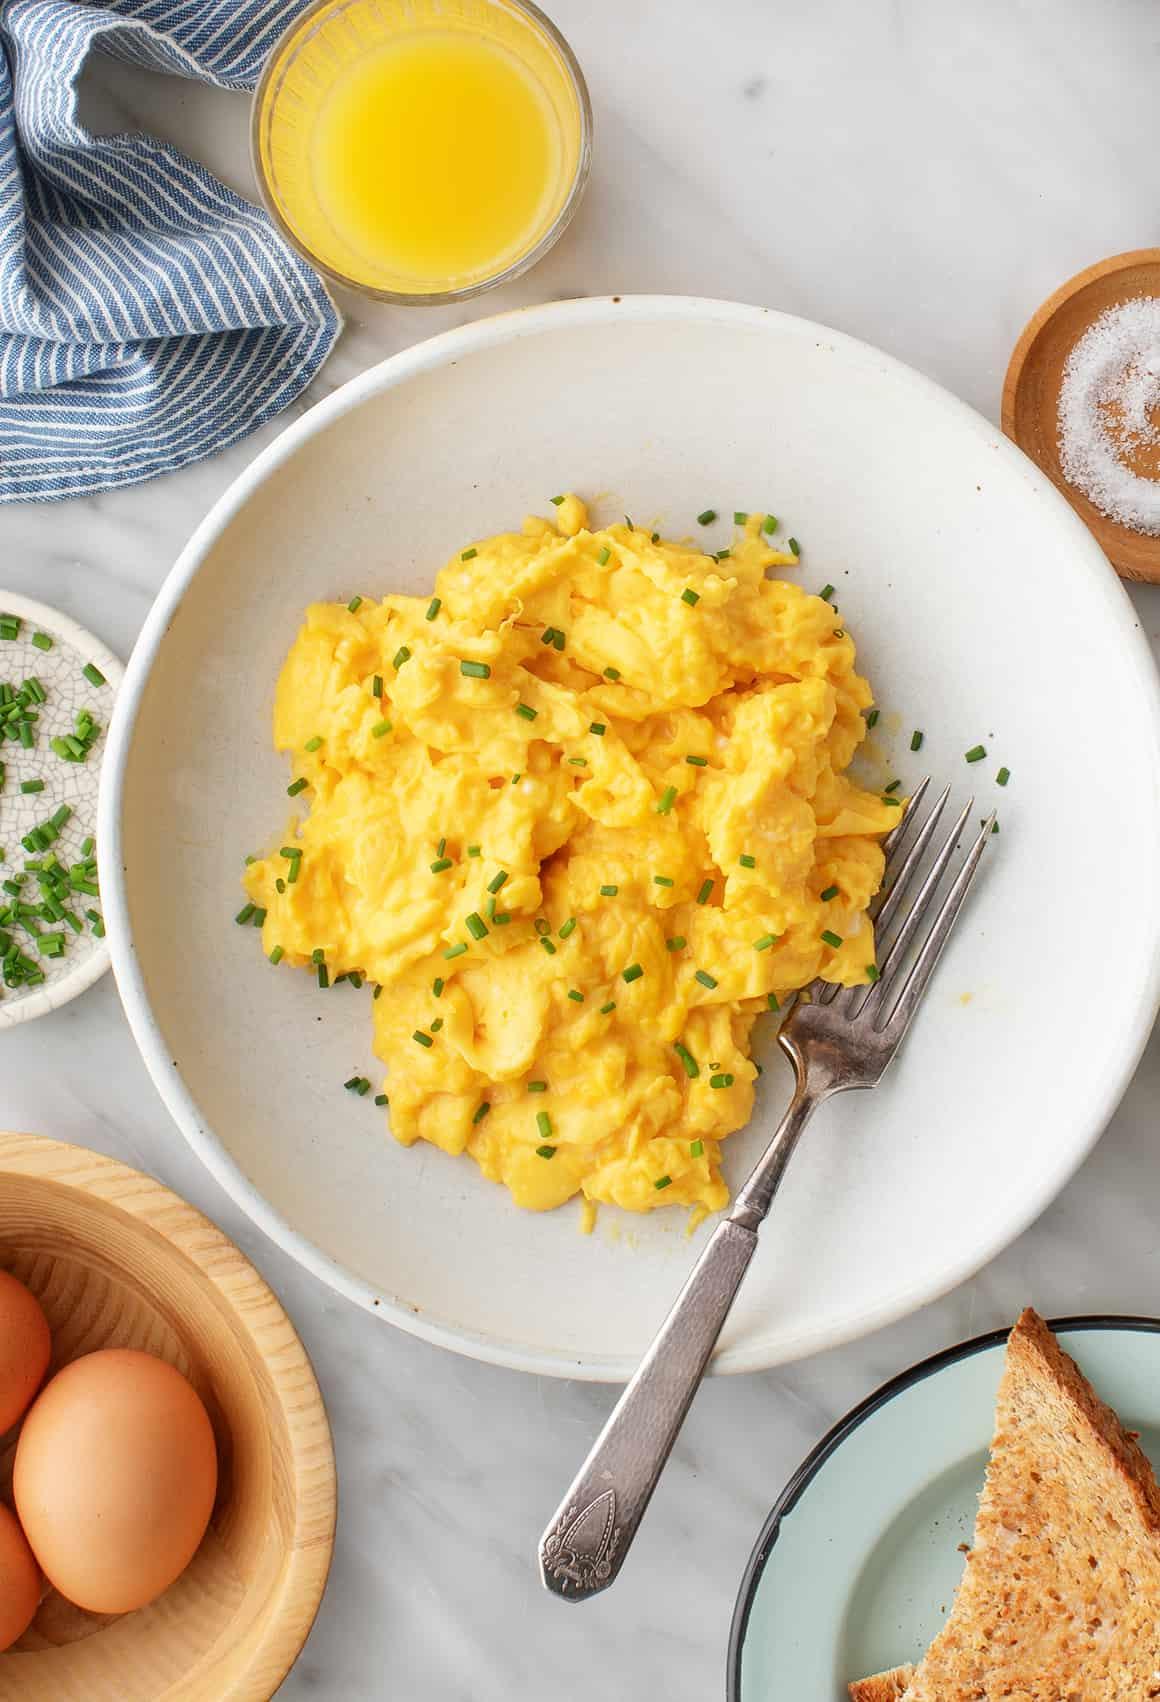 How to Make Scrambled Eggs